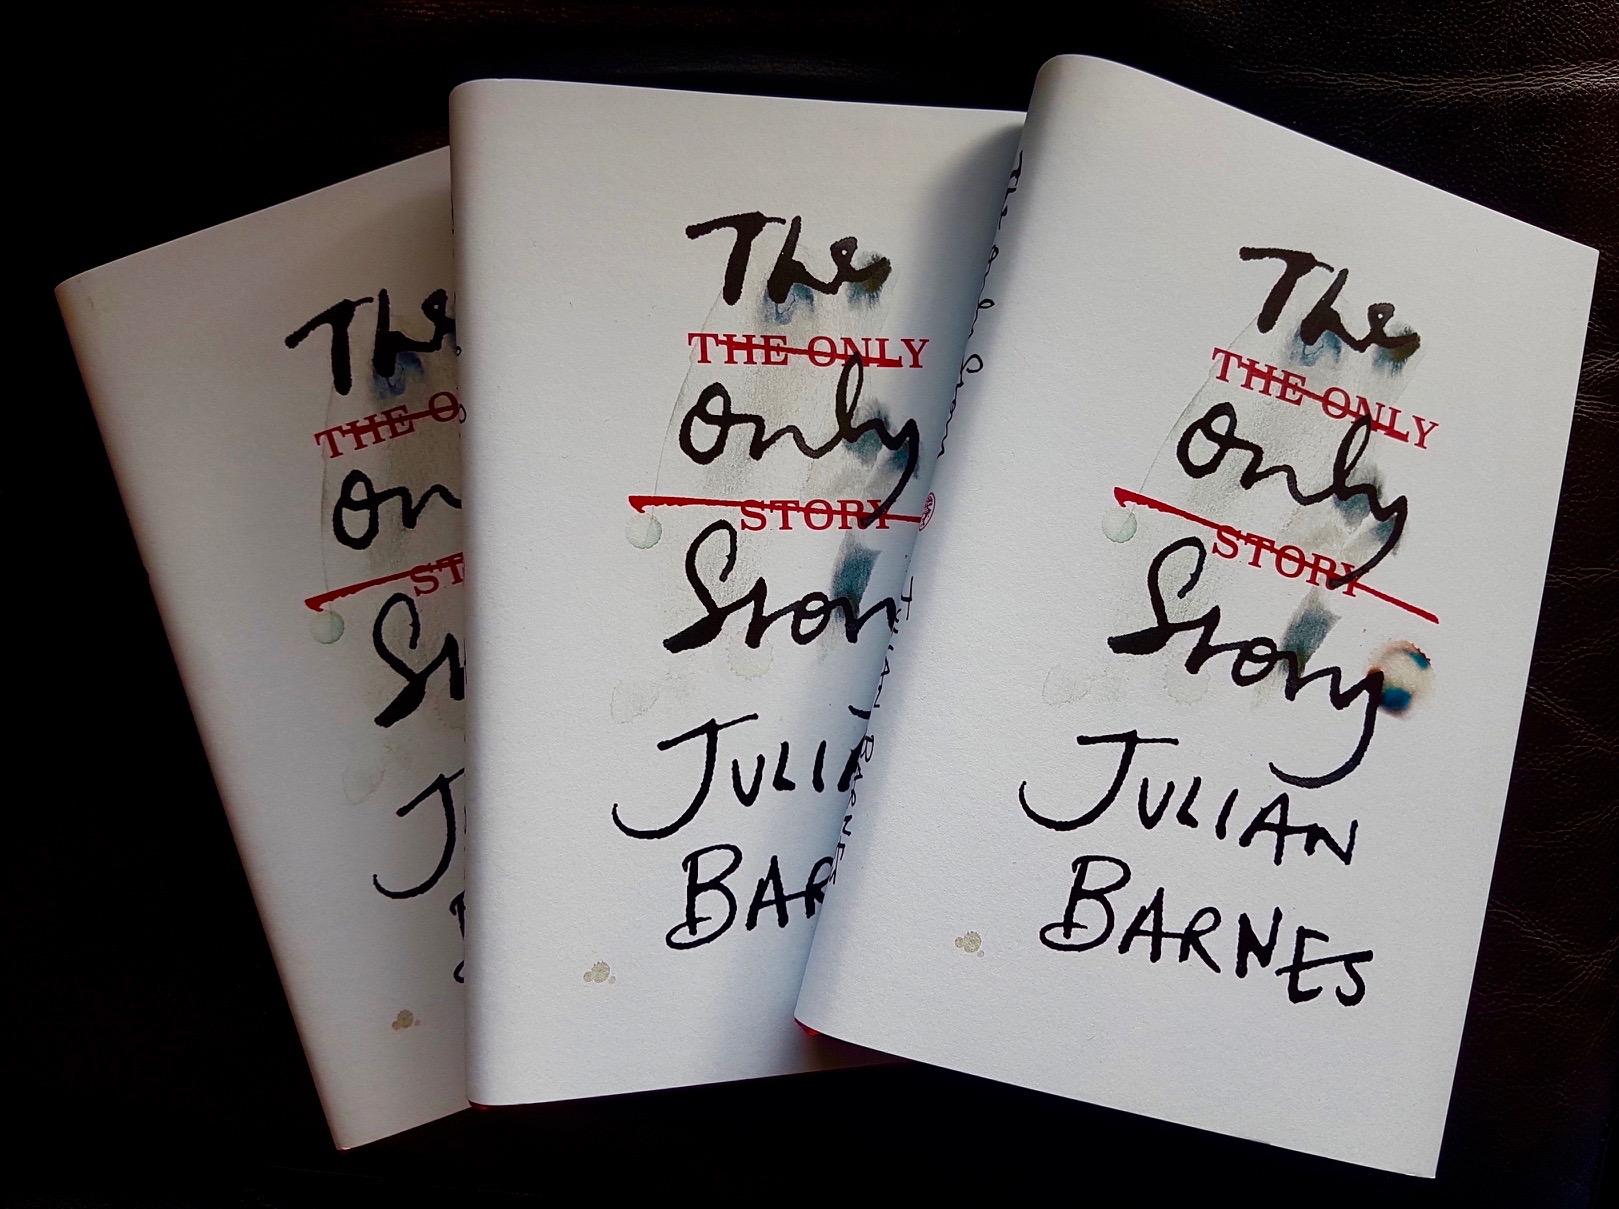 Julian Barnes, TheOnlyStory